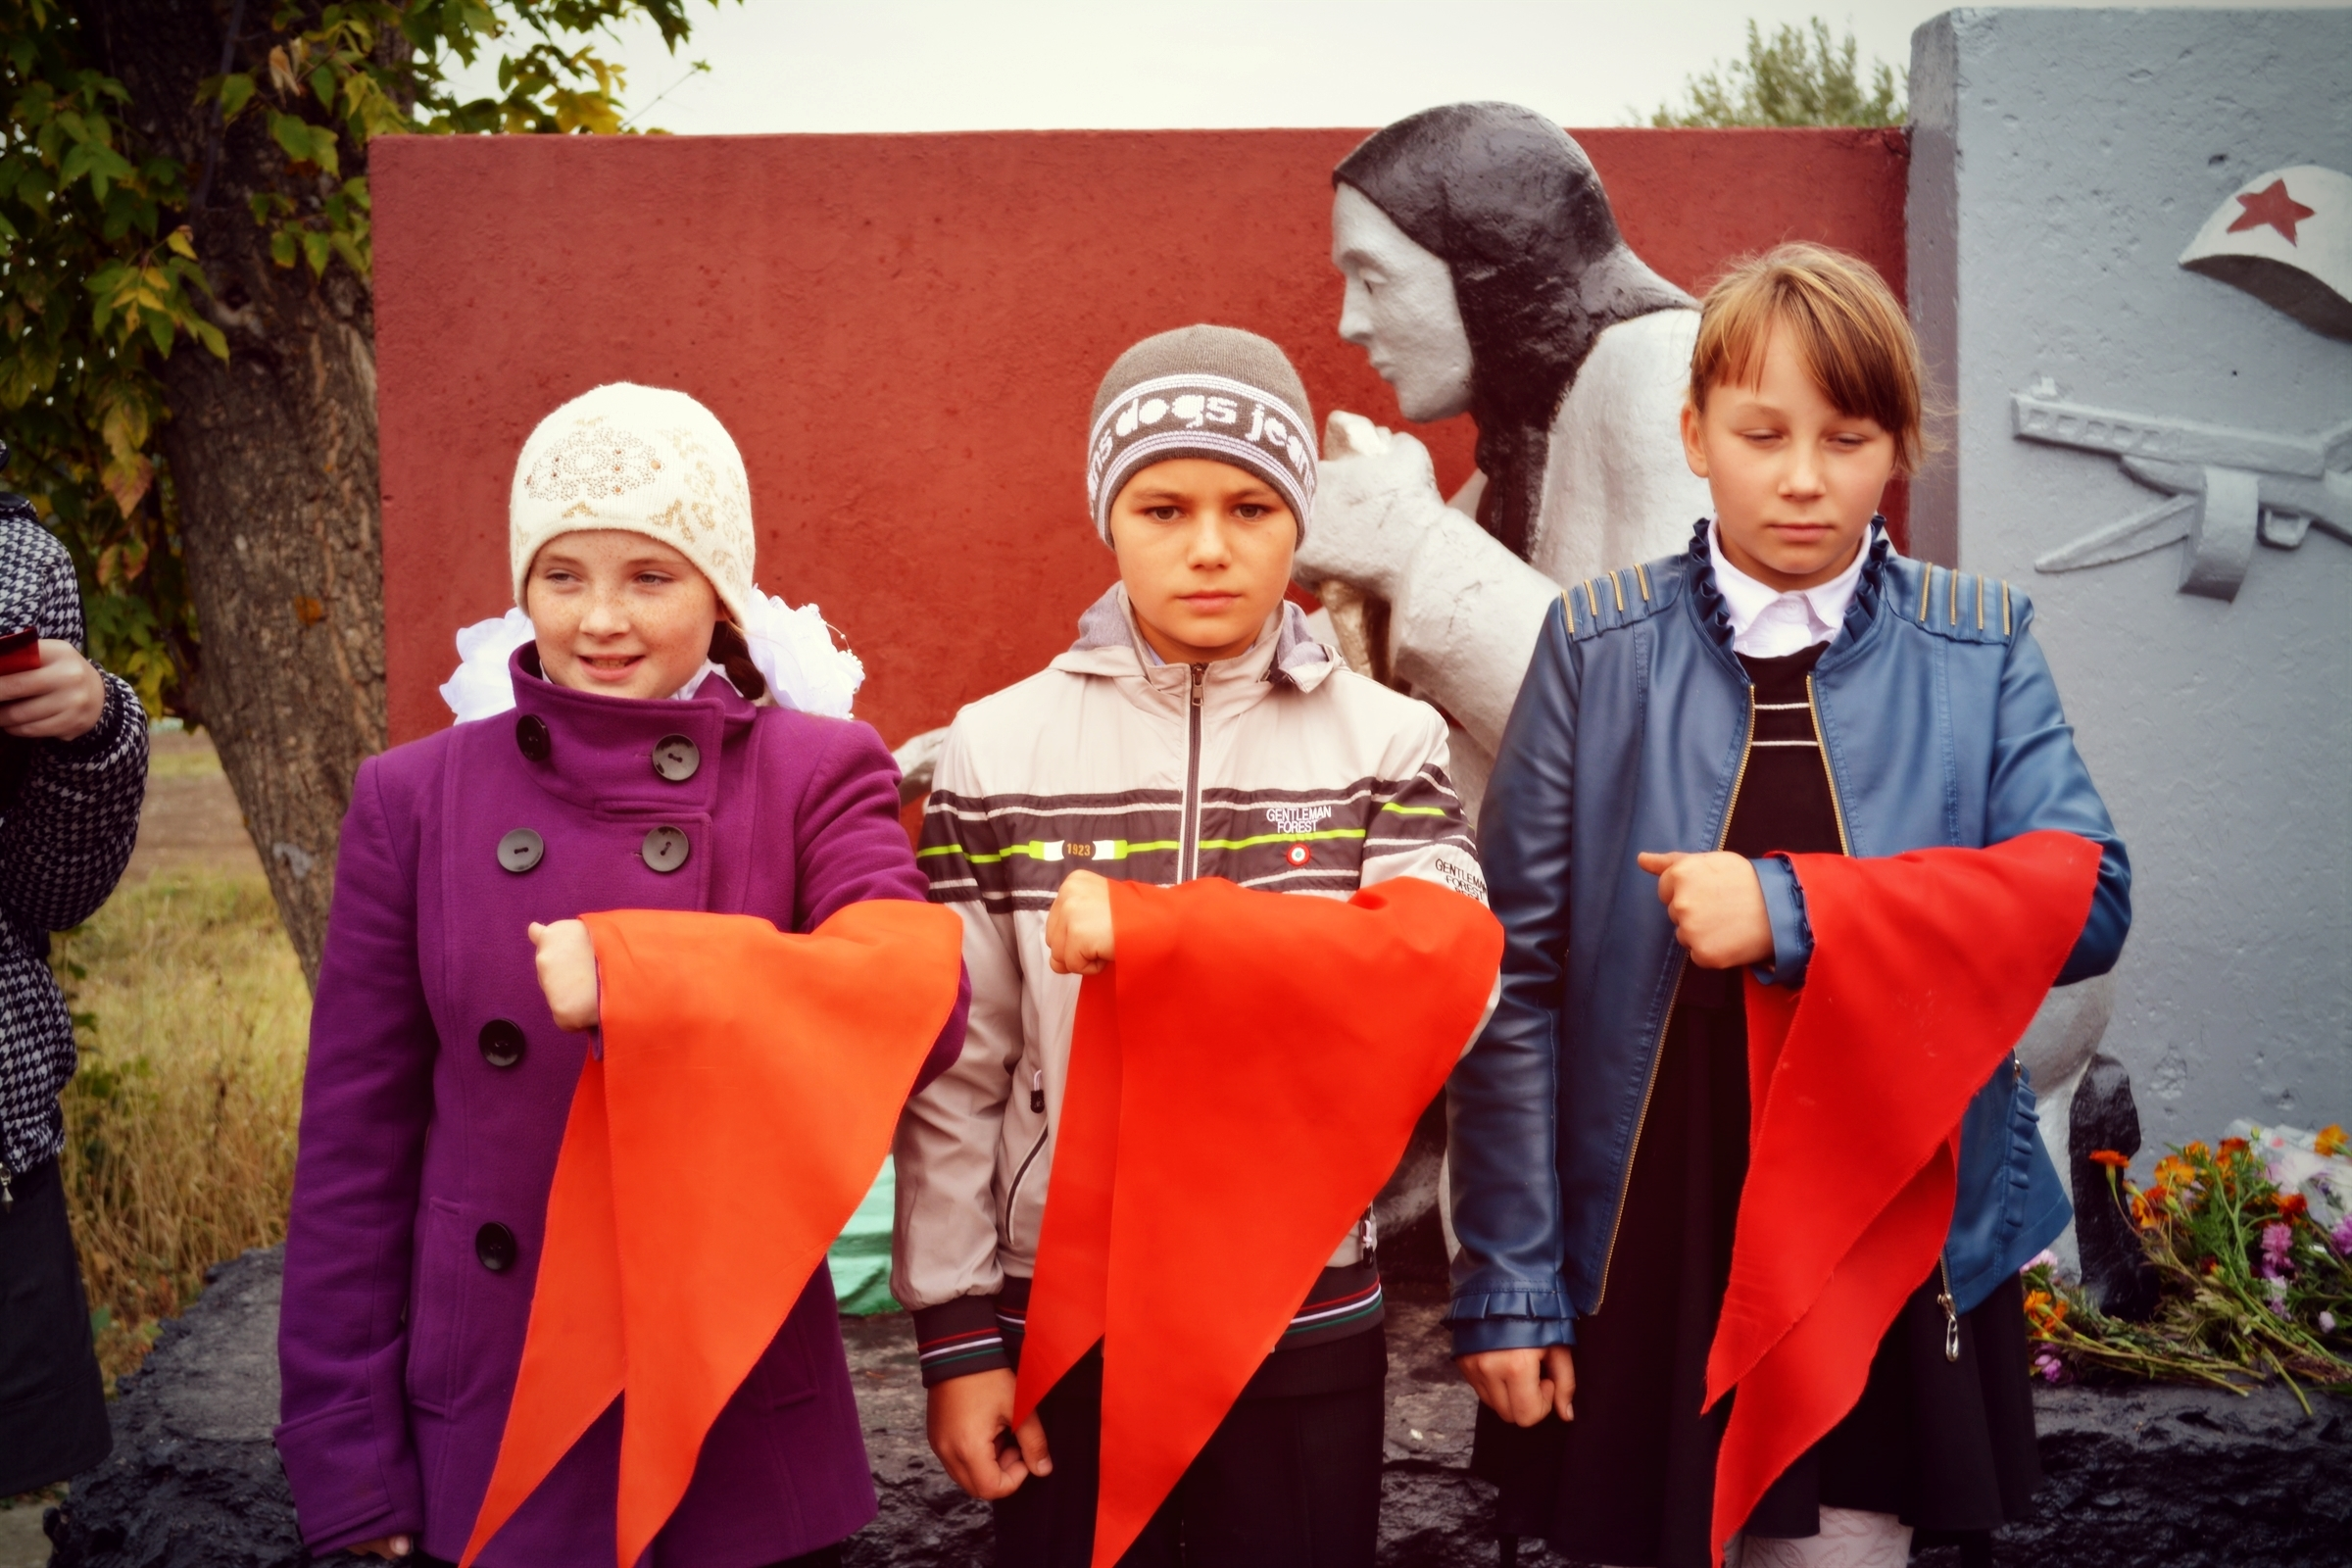 GFRANQ_ELENA_MARKOVSKAYA_67283847_2400.jpg